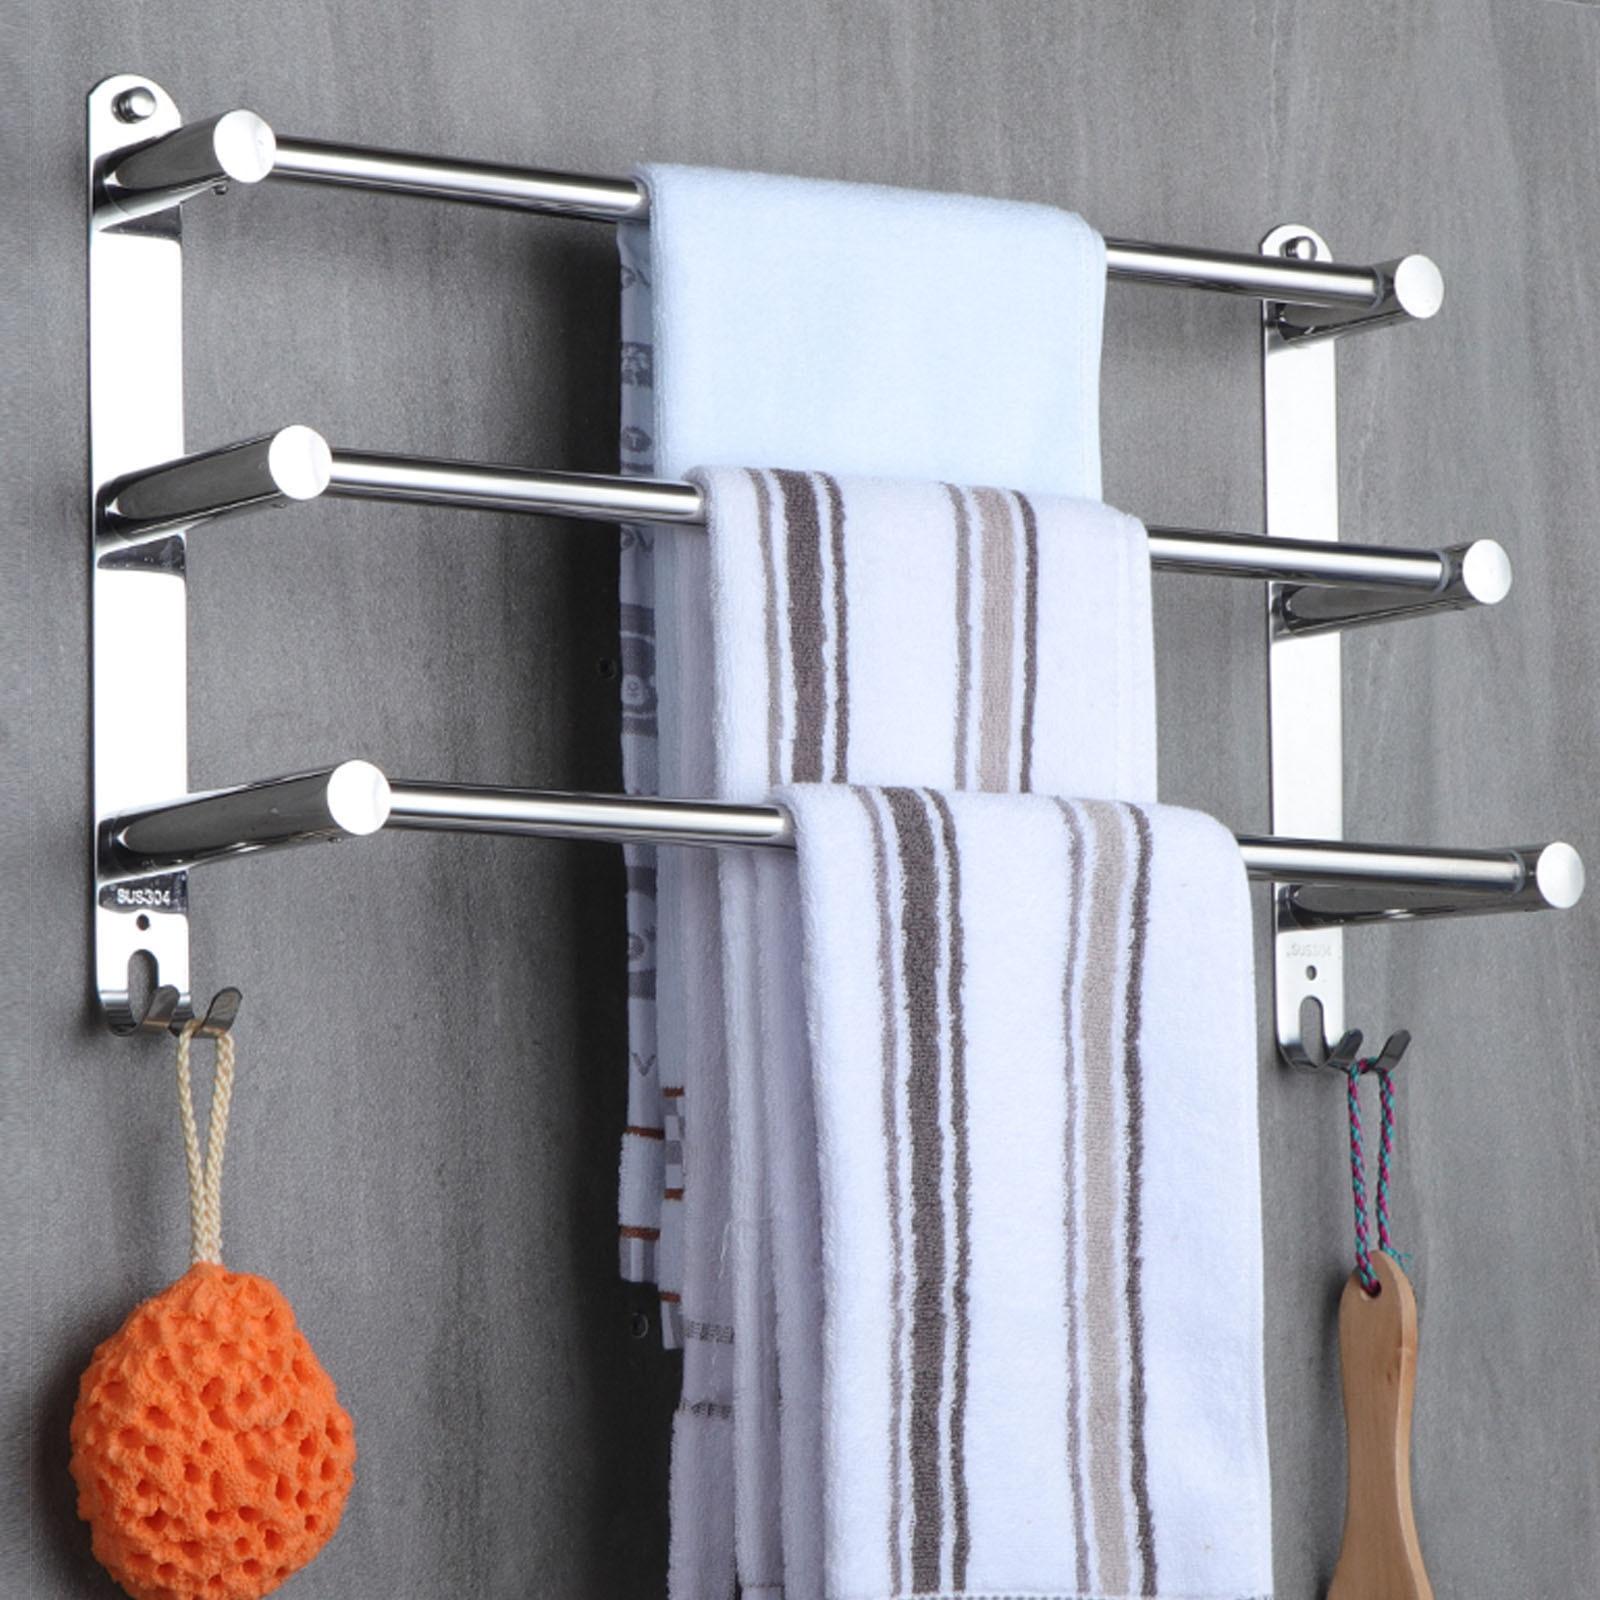 منشفة رف الفولاذ المقاوم للصدأ مرنة قابل للتعديل 50 إلى 90 سنتيمتر 3 العلاقات الذراع منشفة حامل بار السكك الحديدية شماعات الحائط للحمام